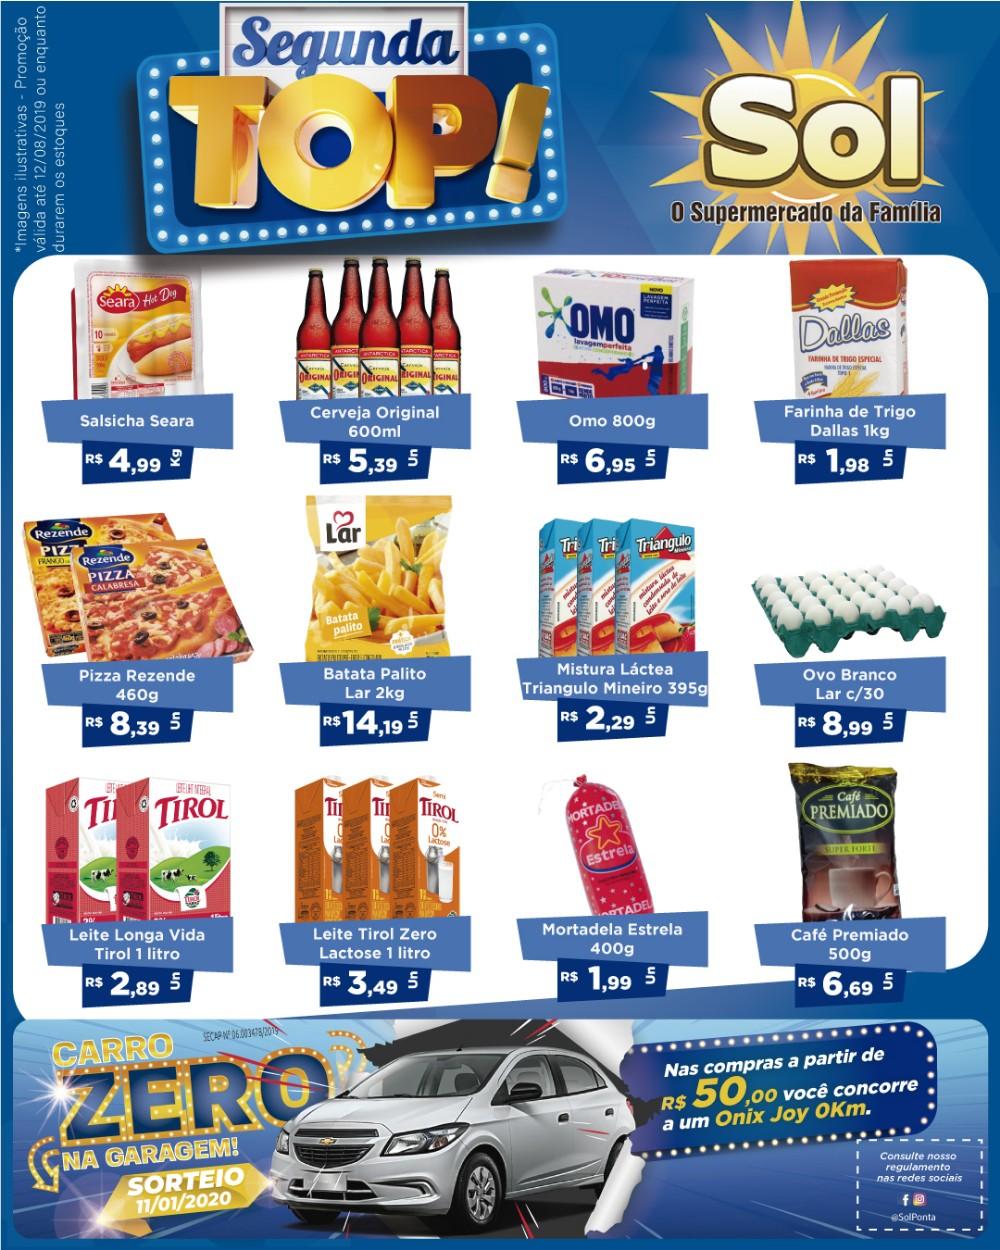 Comprem no Supermercado Sol com suas promoções Segunda Top e concorra a um carro 0Km